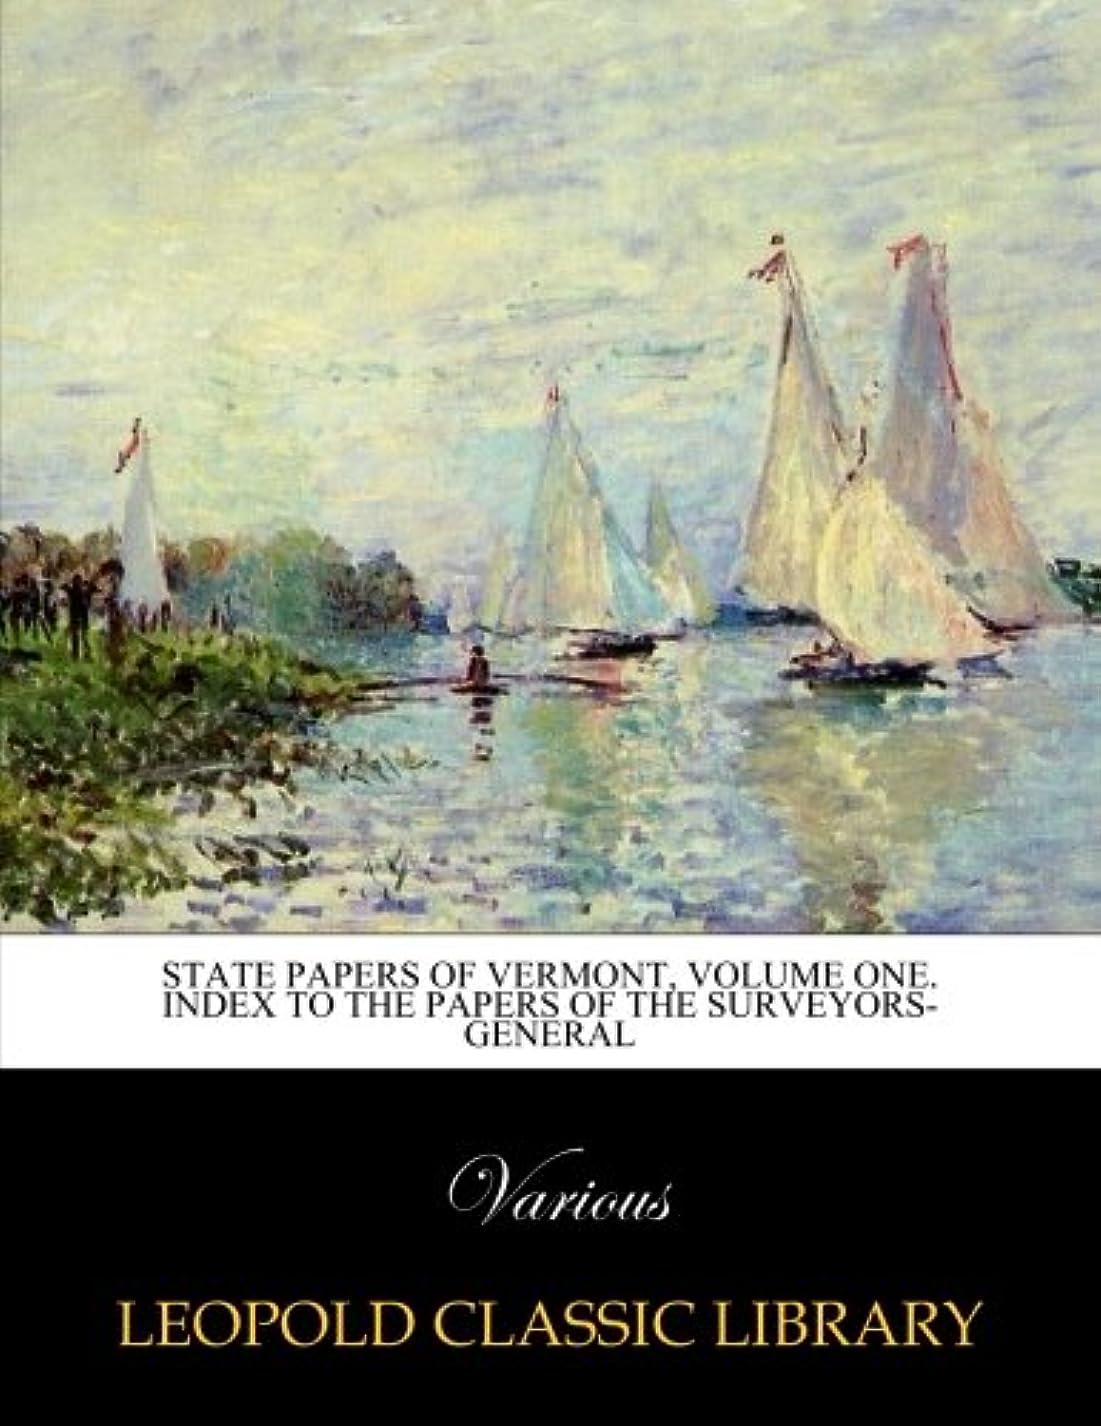 震え課すうるさいState papers of Vermont, volume one. Index to the papers of the Surveyors-General